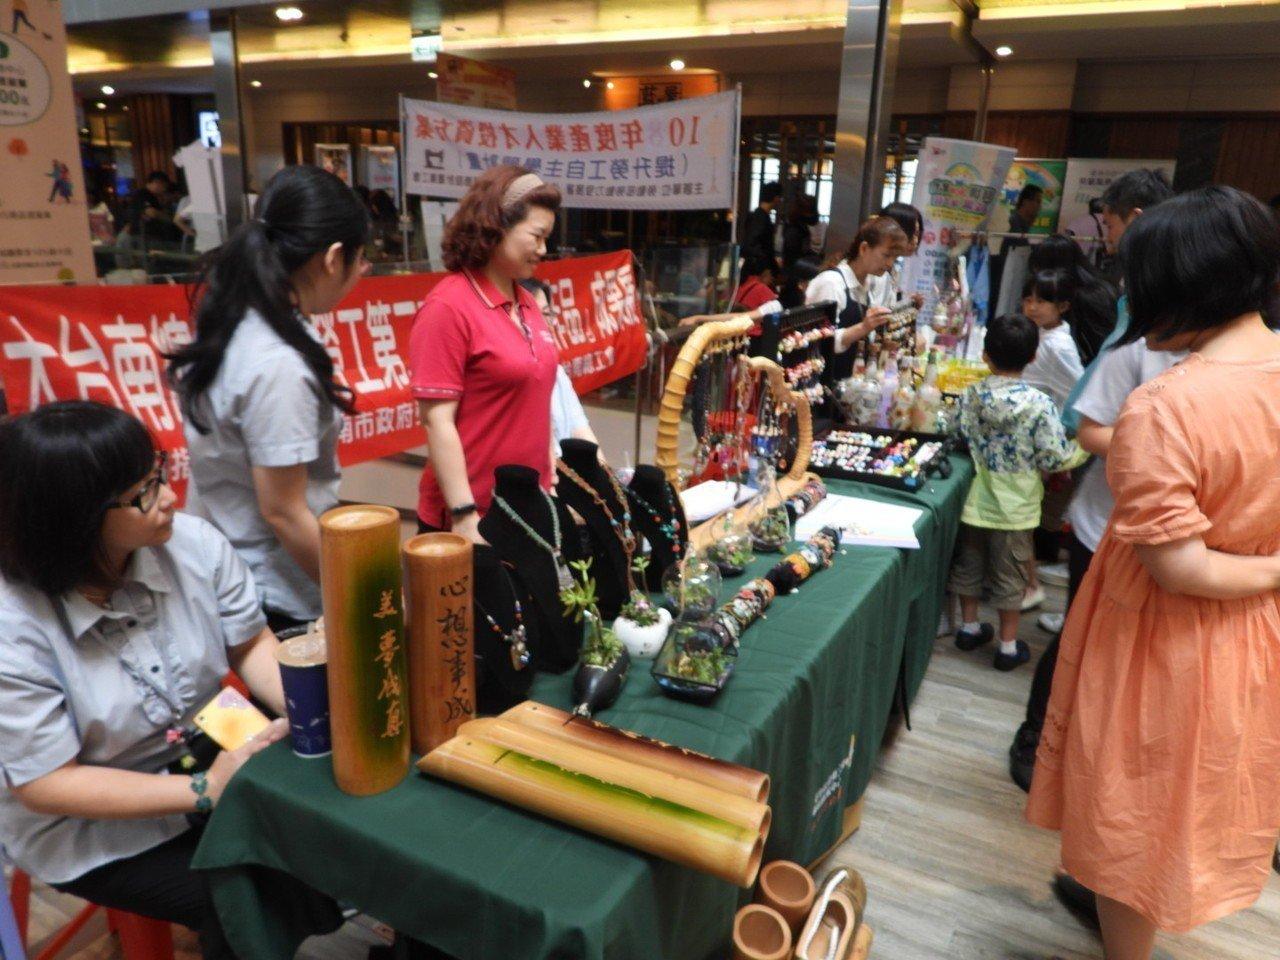 台南職業訓練成果展 五大主題展現台南特色與職訓成果